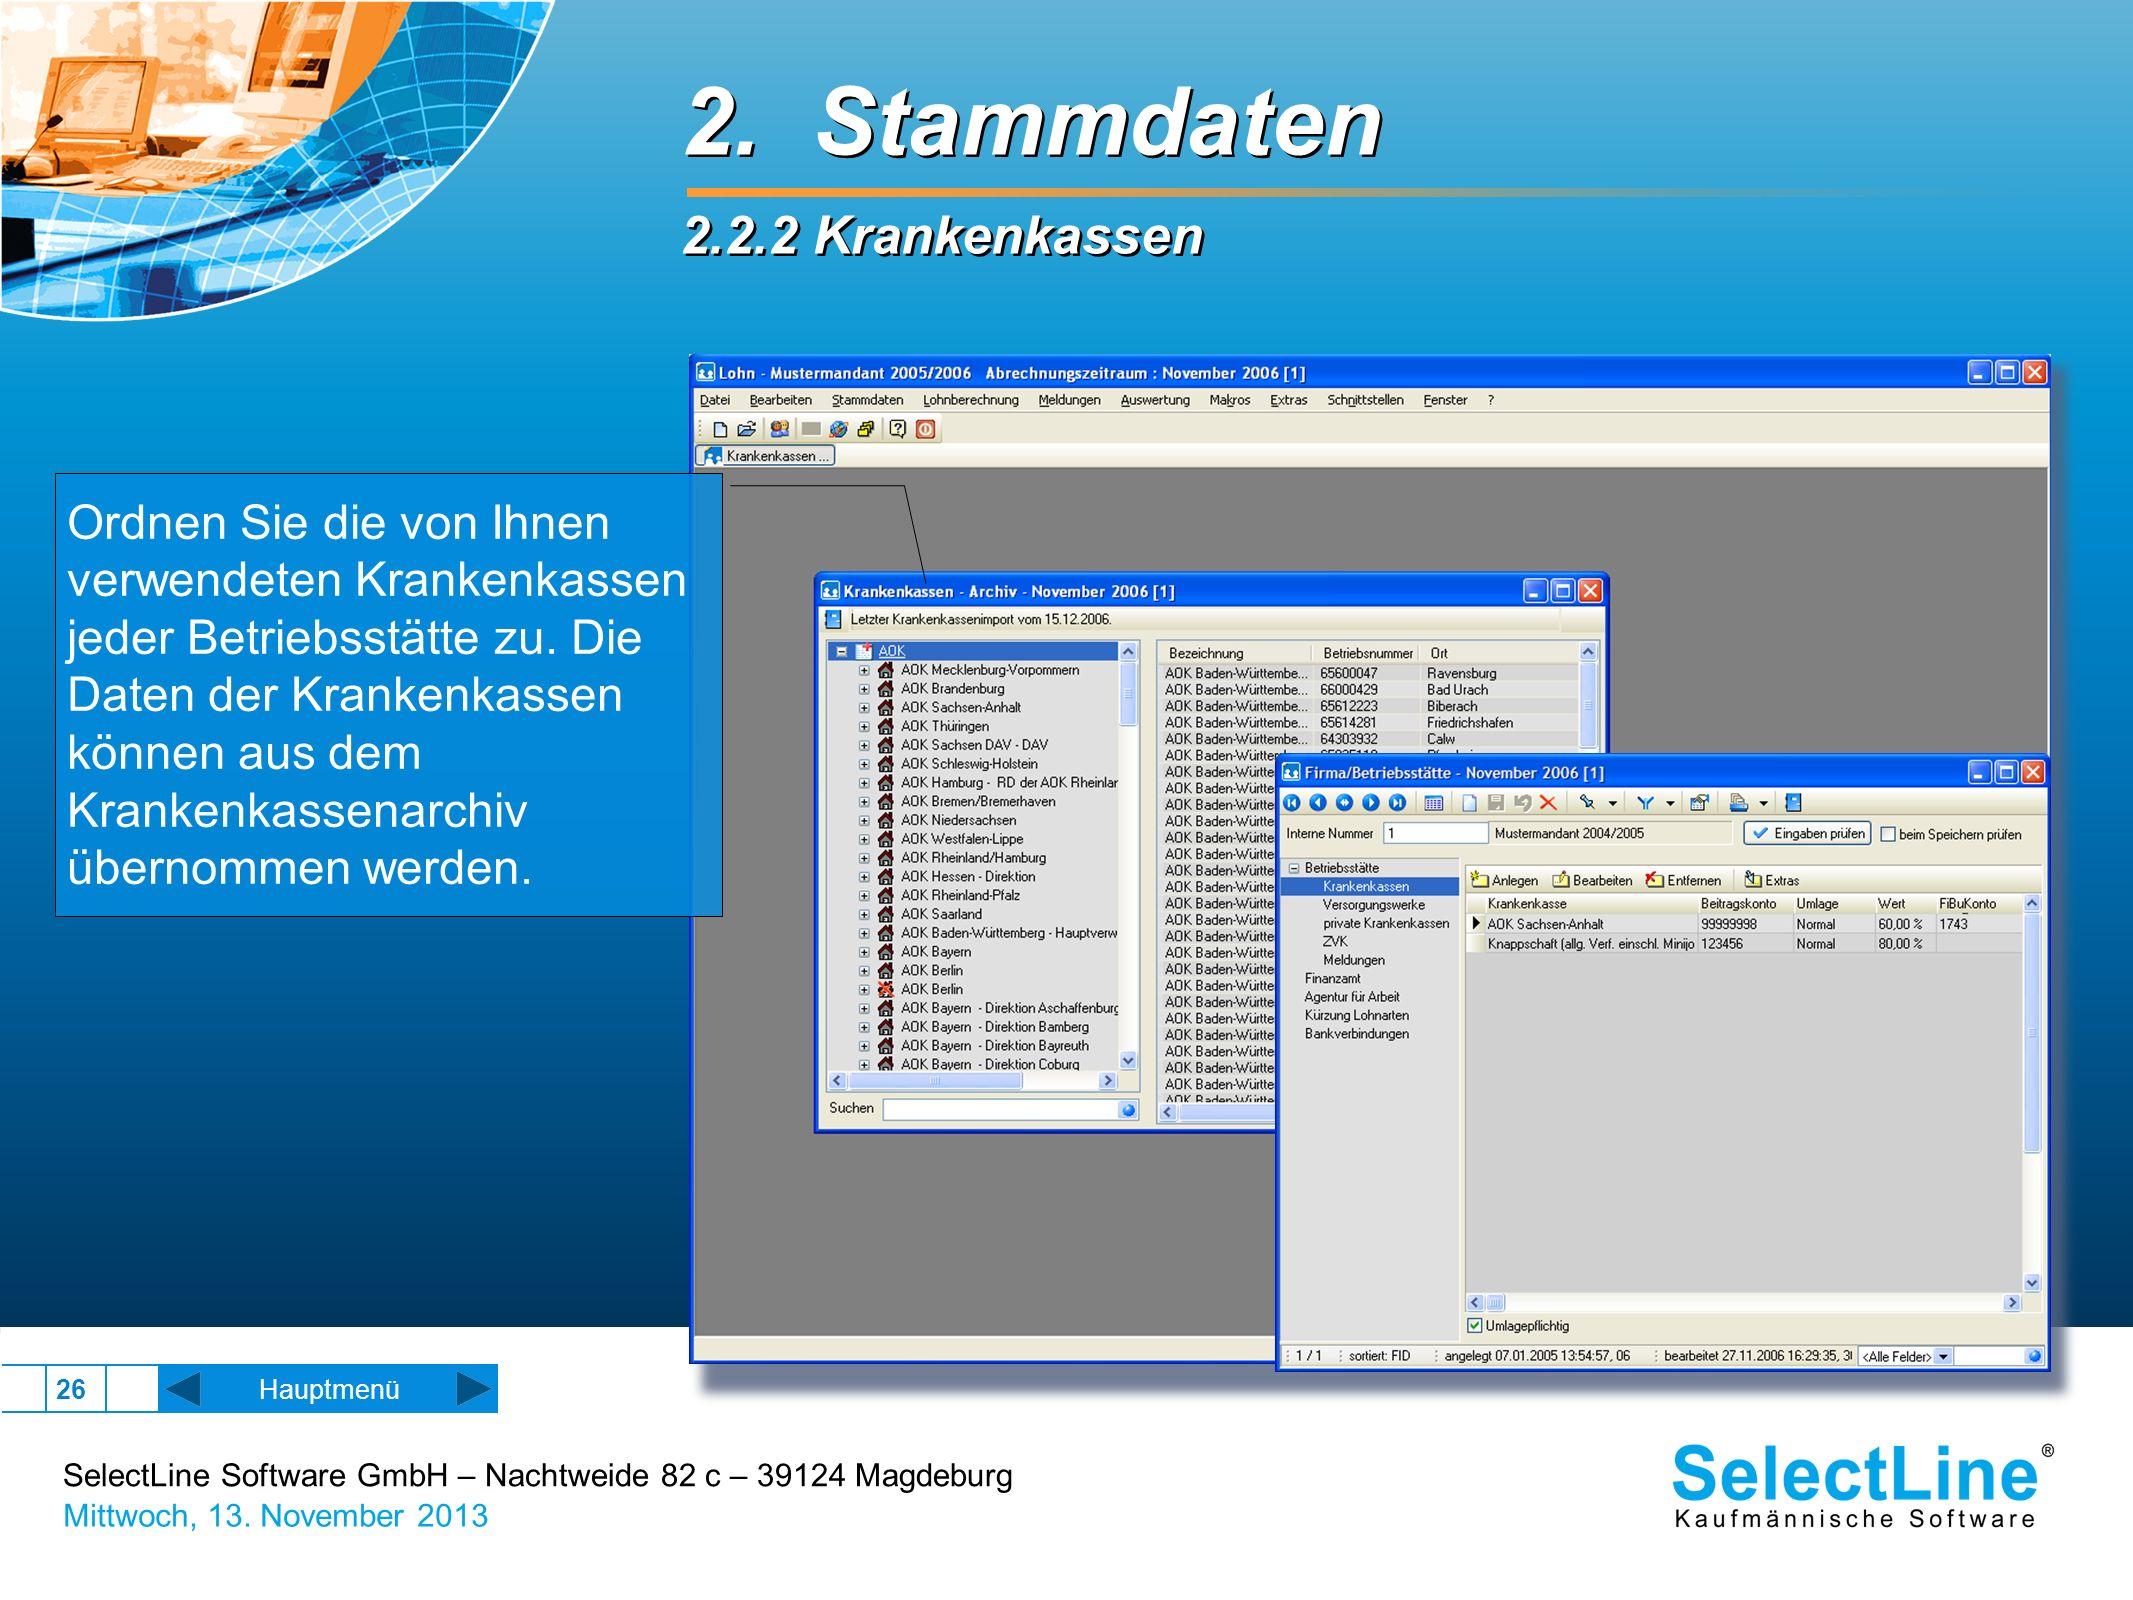 SelectLine Software GmbH – Nachtweide 82 c – 39124 Magdeburg Mittwoch, 13. November 2013 26 2. Stammdaten 2.2.2 Krankenkassen 2. Stammdaten 2.2.2 Kran